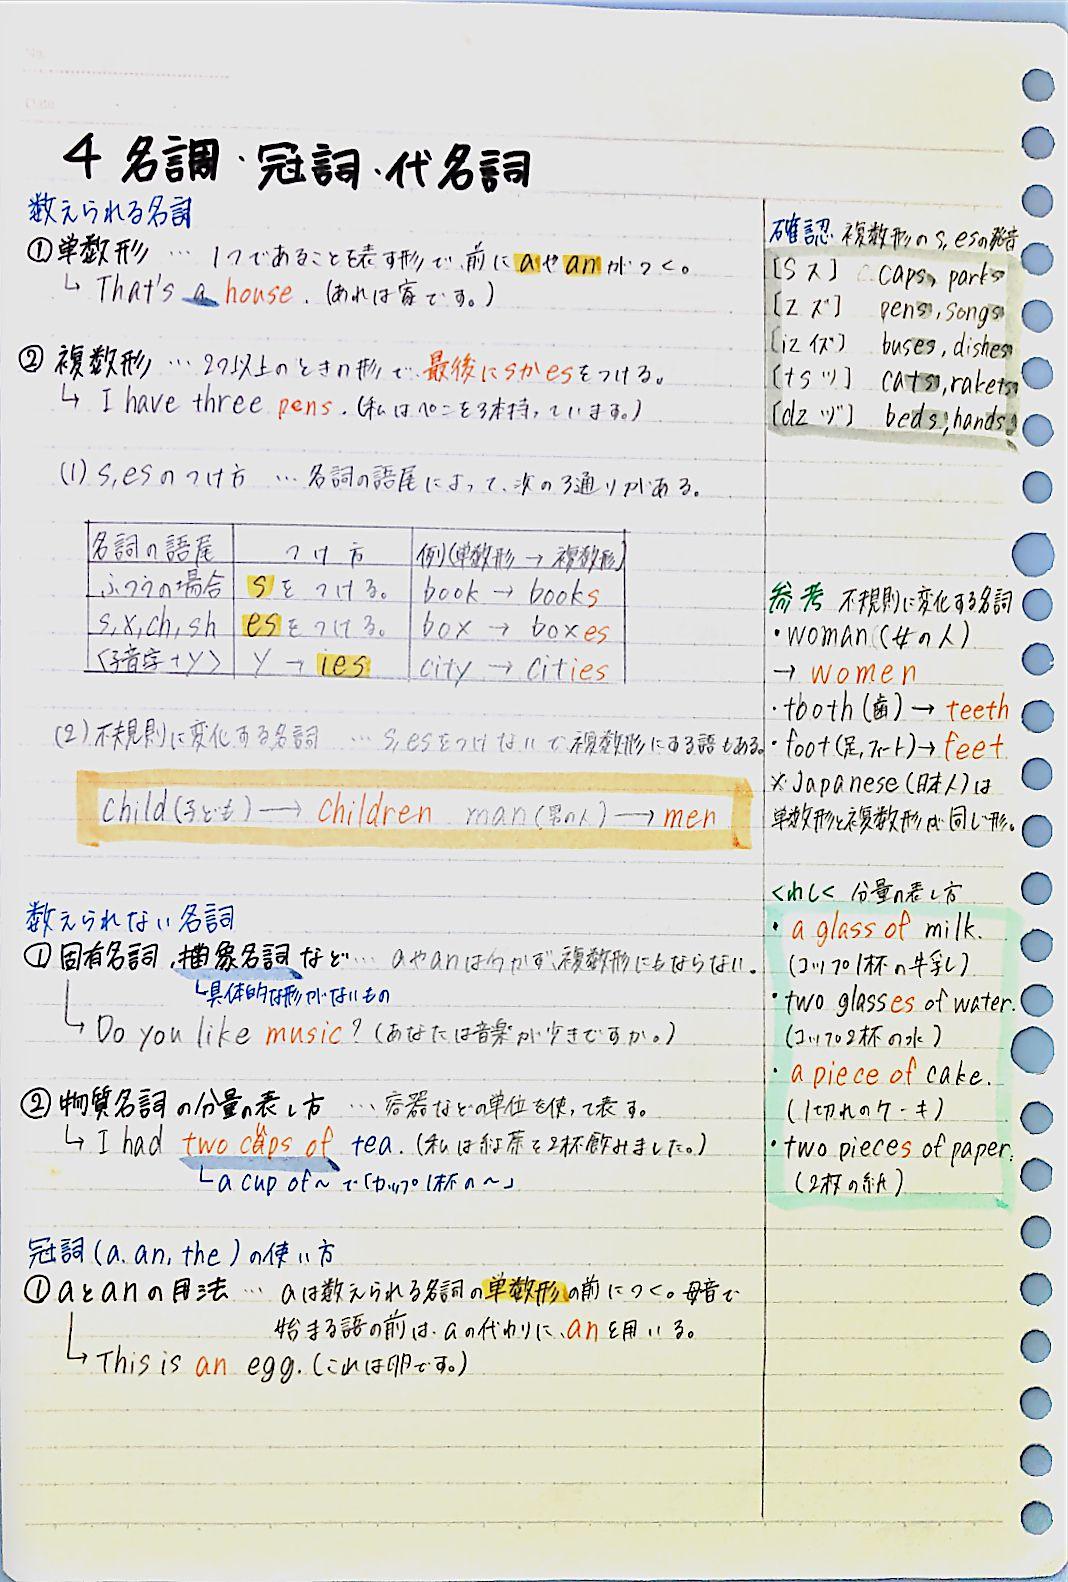 ボード 英語の文法 のピン